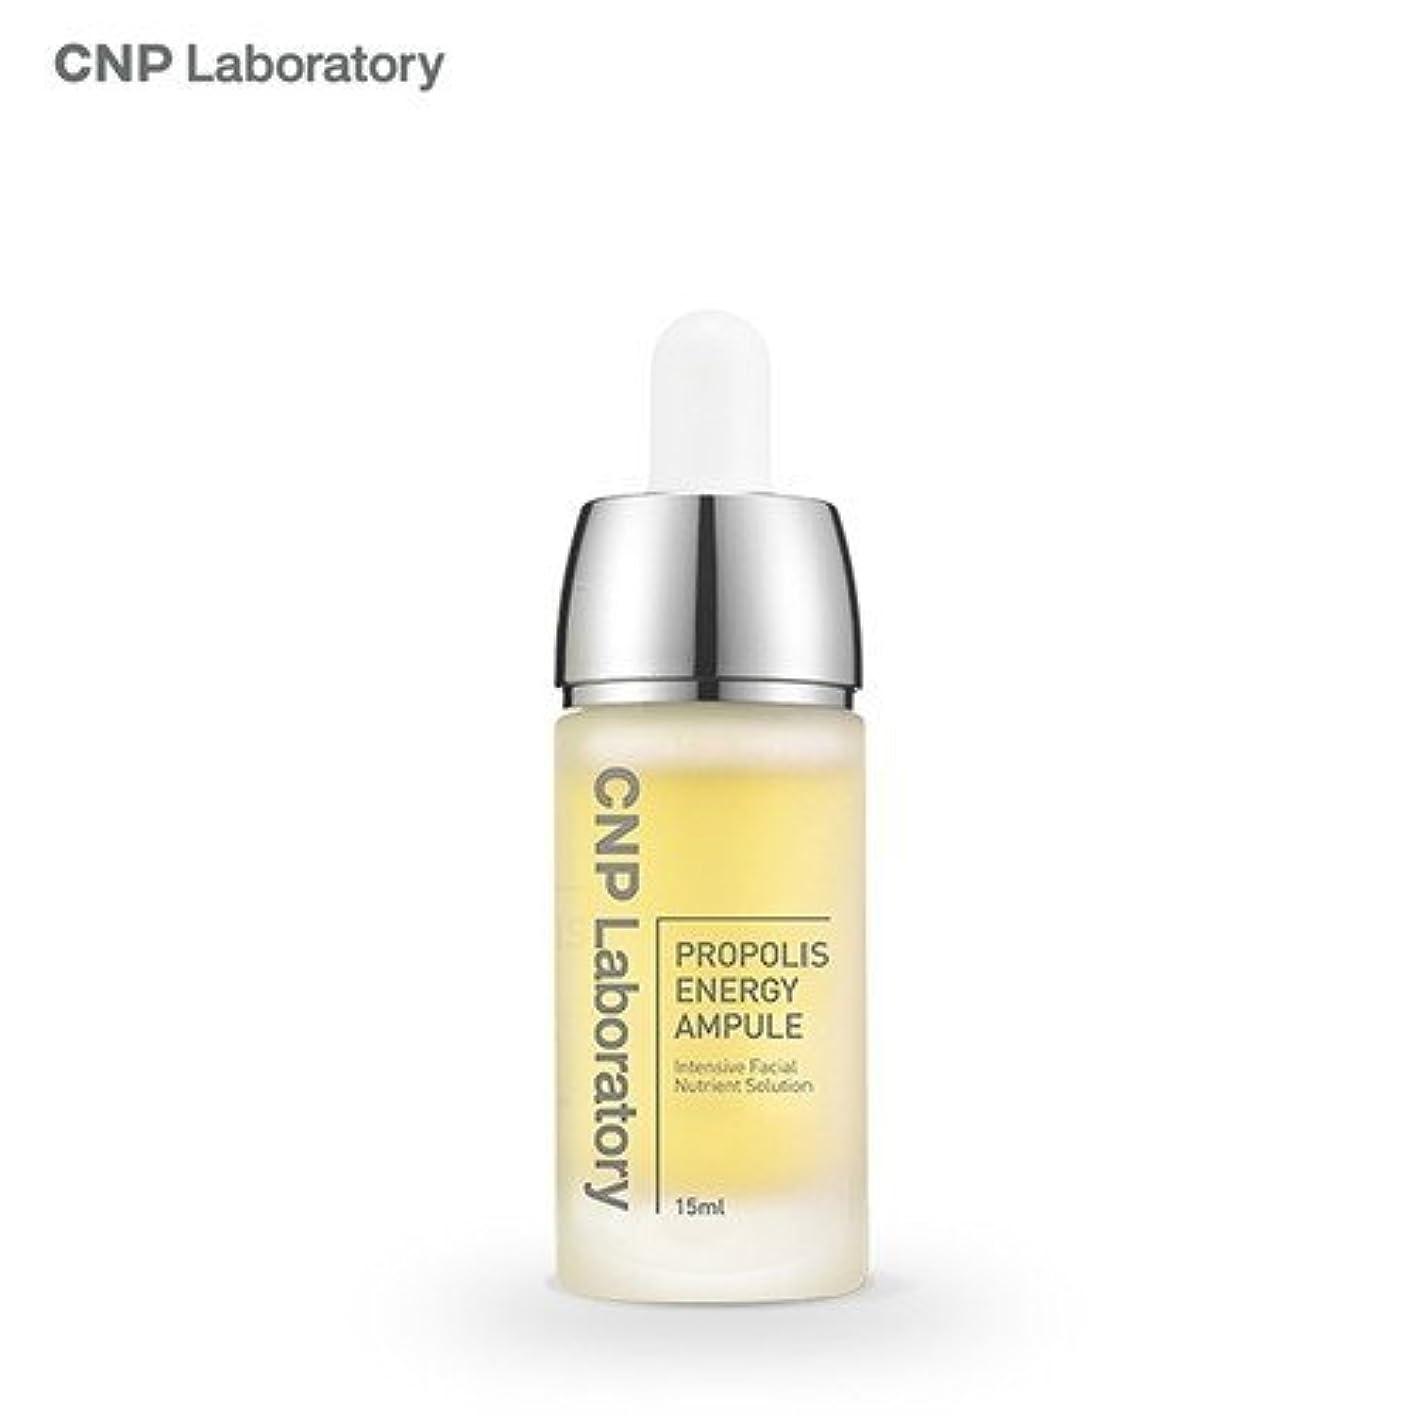 友情以降才能のあるチャエンパク プロポリスエネルギーアンプル 15ml / CNP Propolis Energy Ampule, Intensive Facial Nutrient Solution 15ml